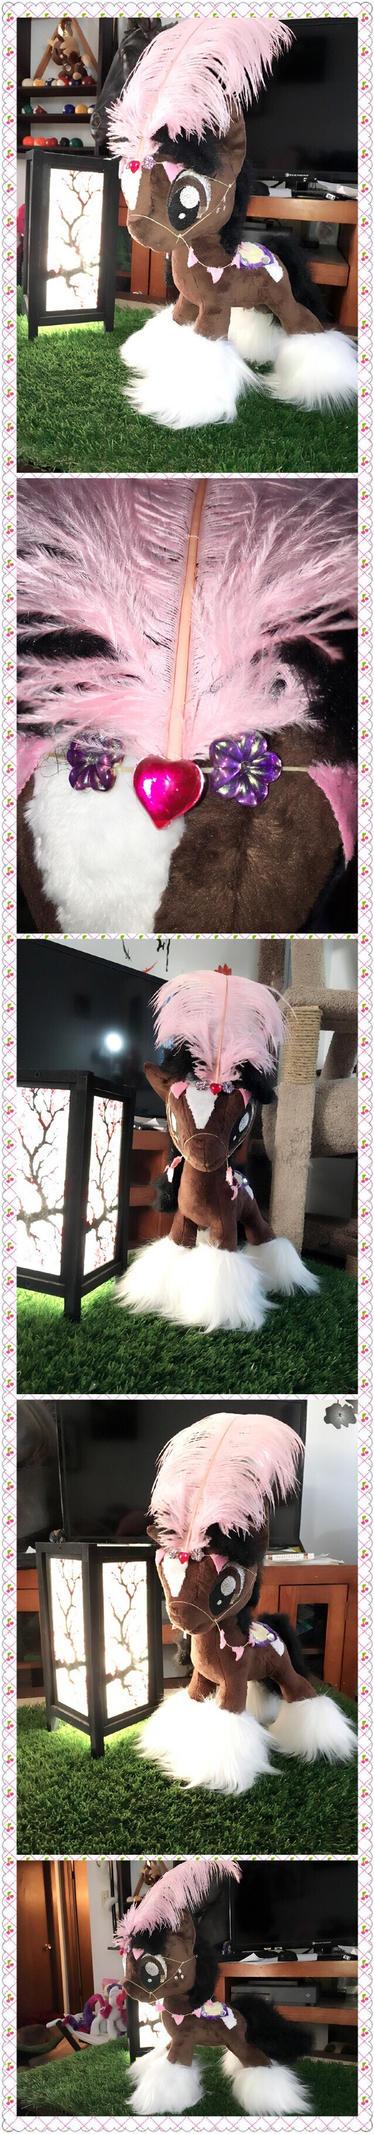 Pony plush (for sale) by KlTTEN-KANDY